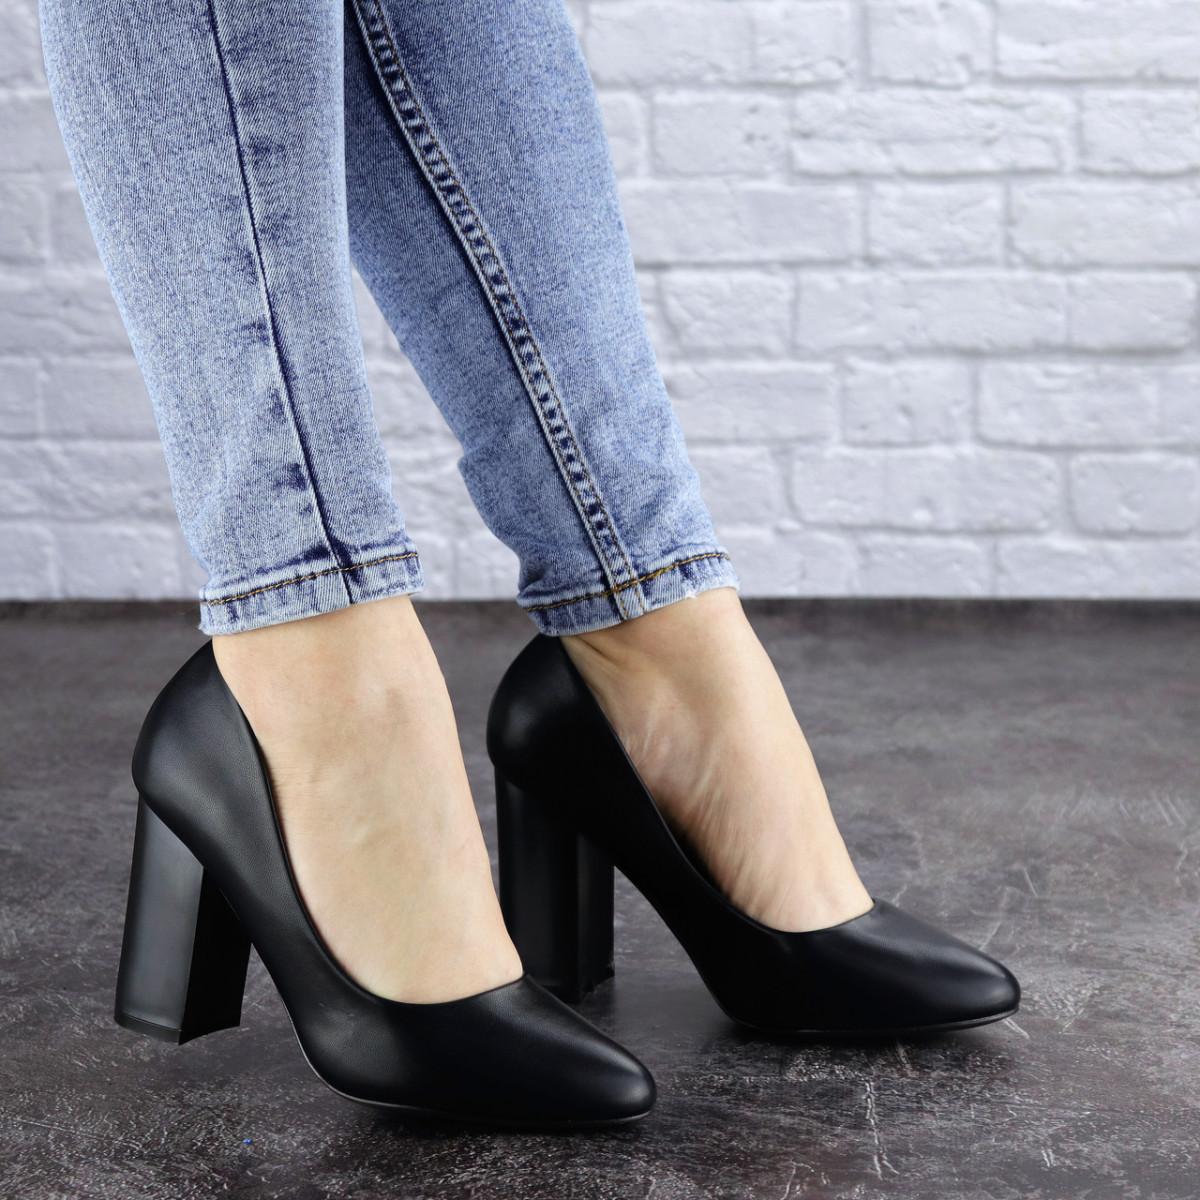 Женские туфли на каблуке черные Denali 1979 (37 размер)